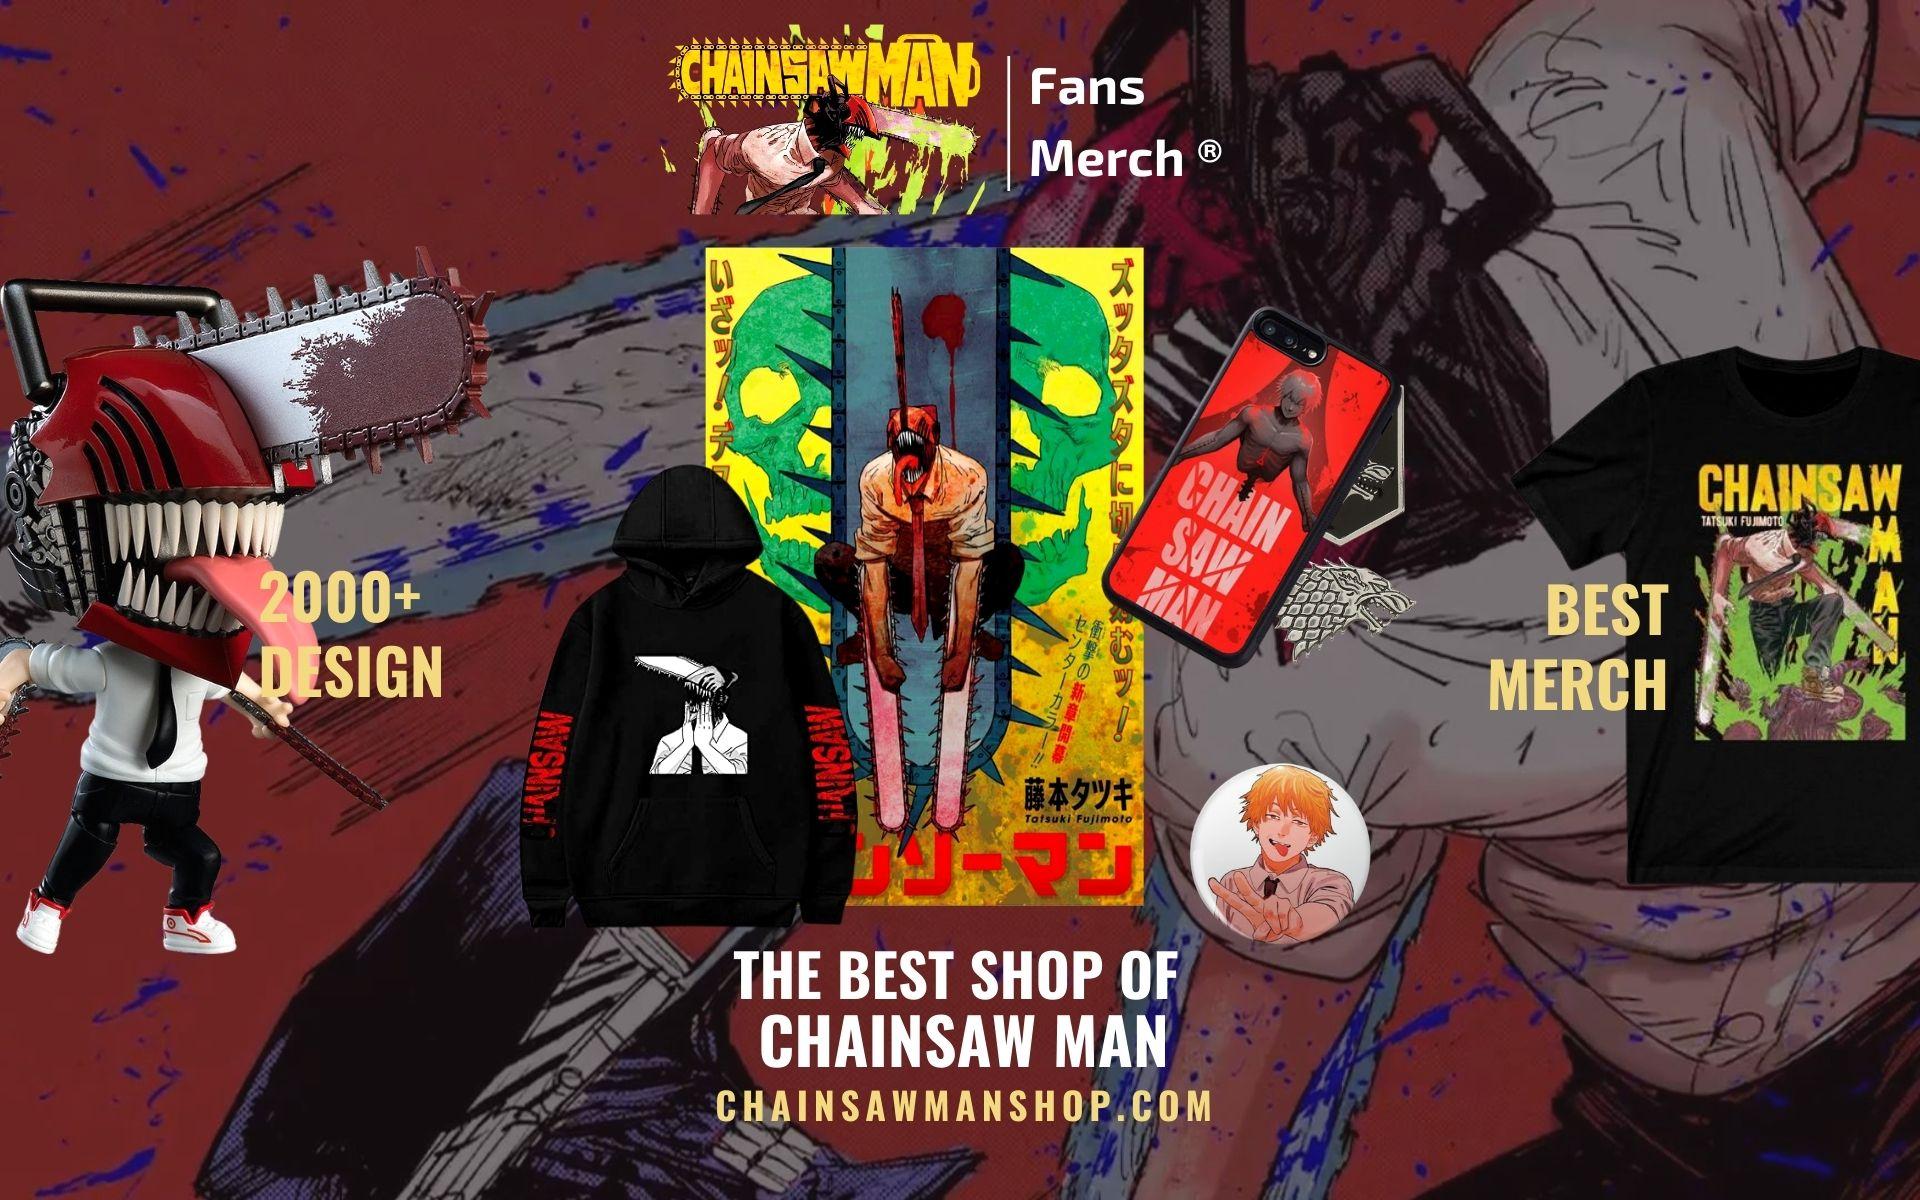 CHAINSAW MAN SHOP Web Banner - Chainsaw Man Shop